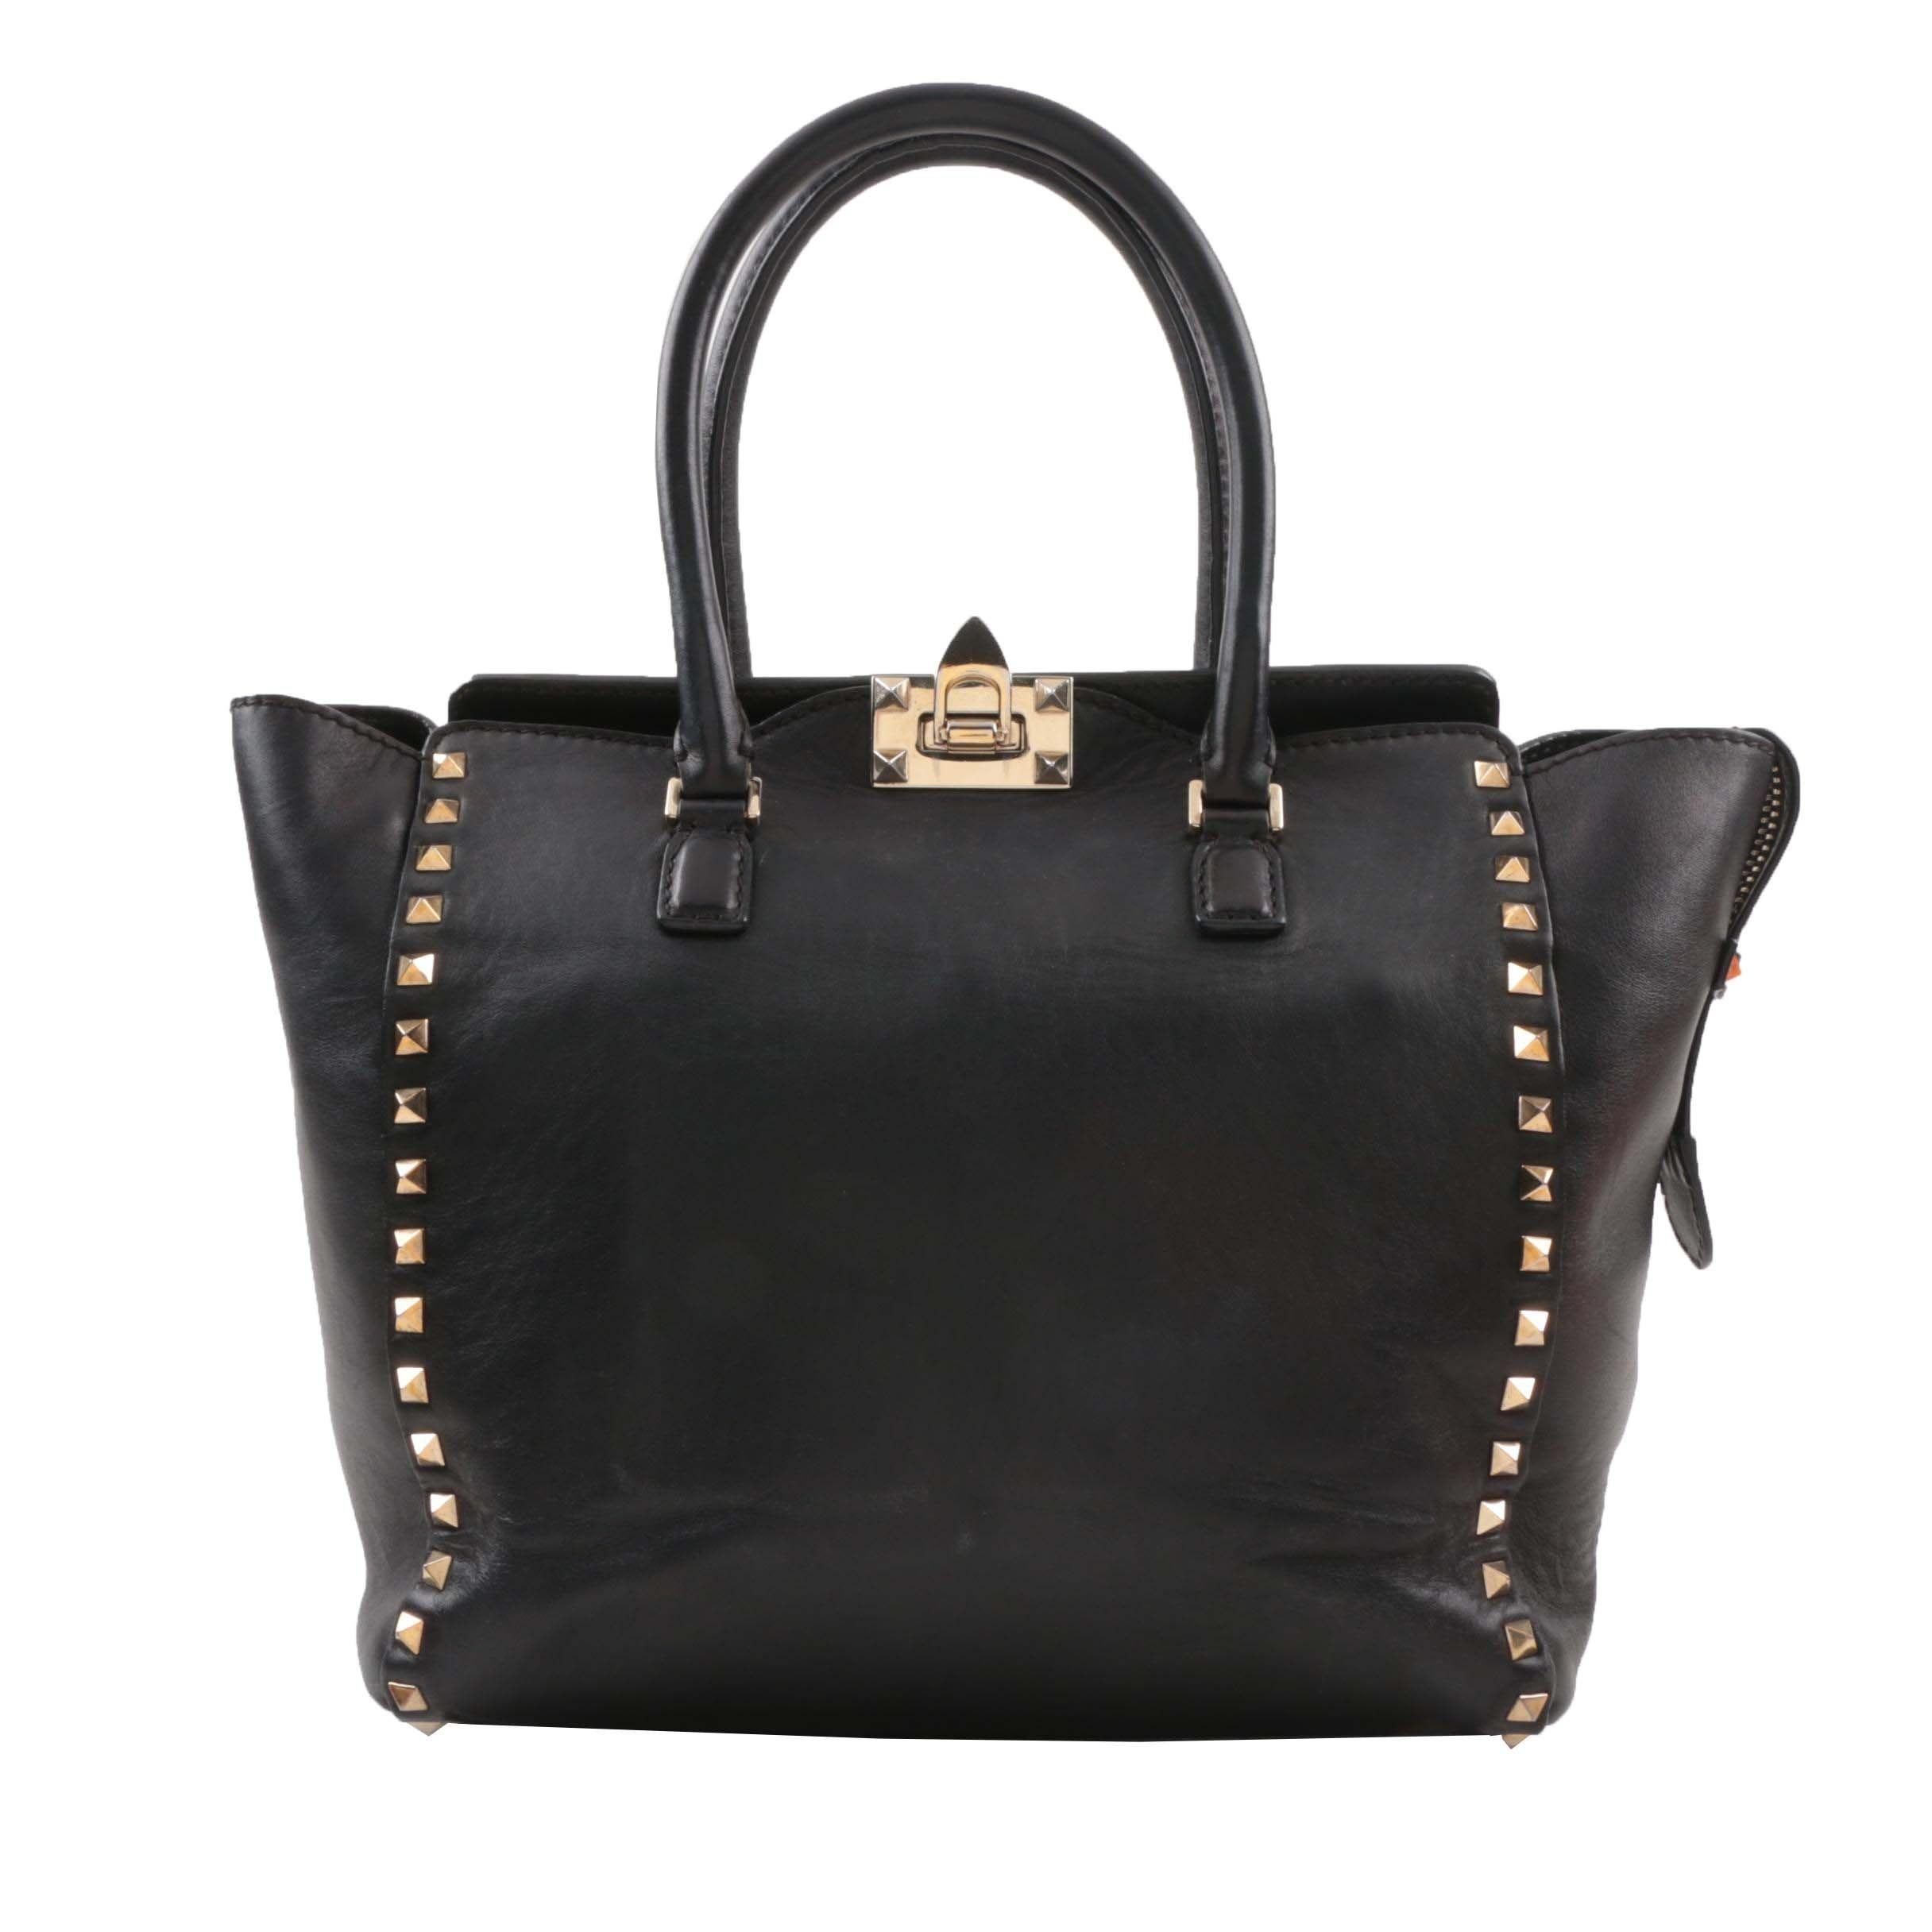 Valentino Garavani Rockstud Black Leather Studded Top Handle Shoulder Tote Bag